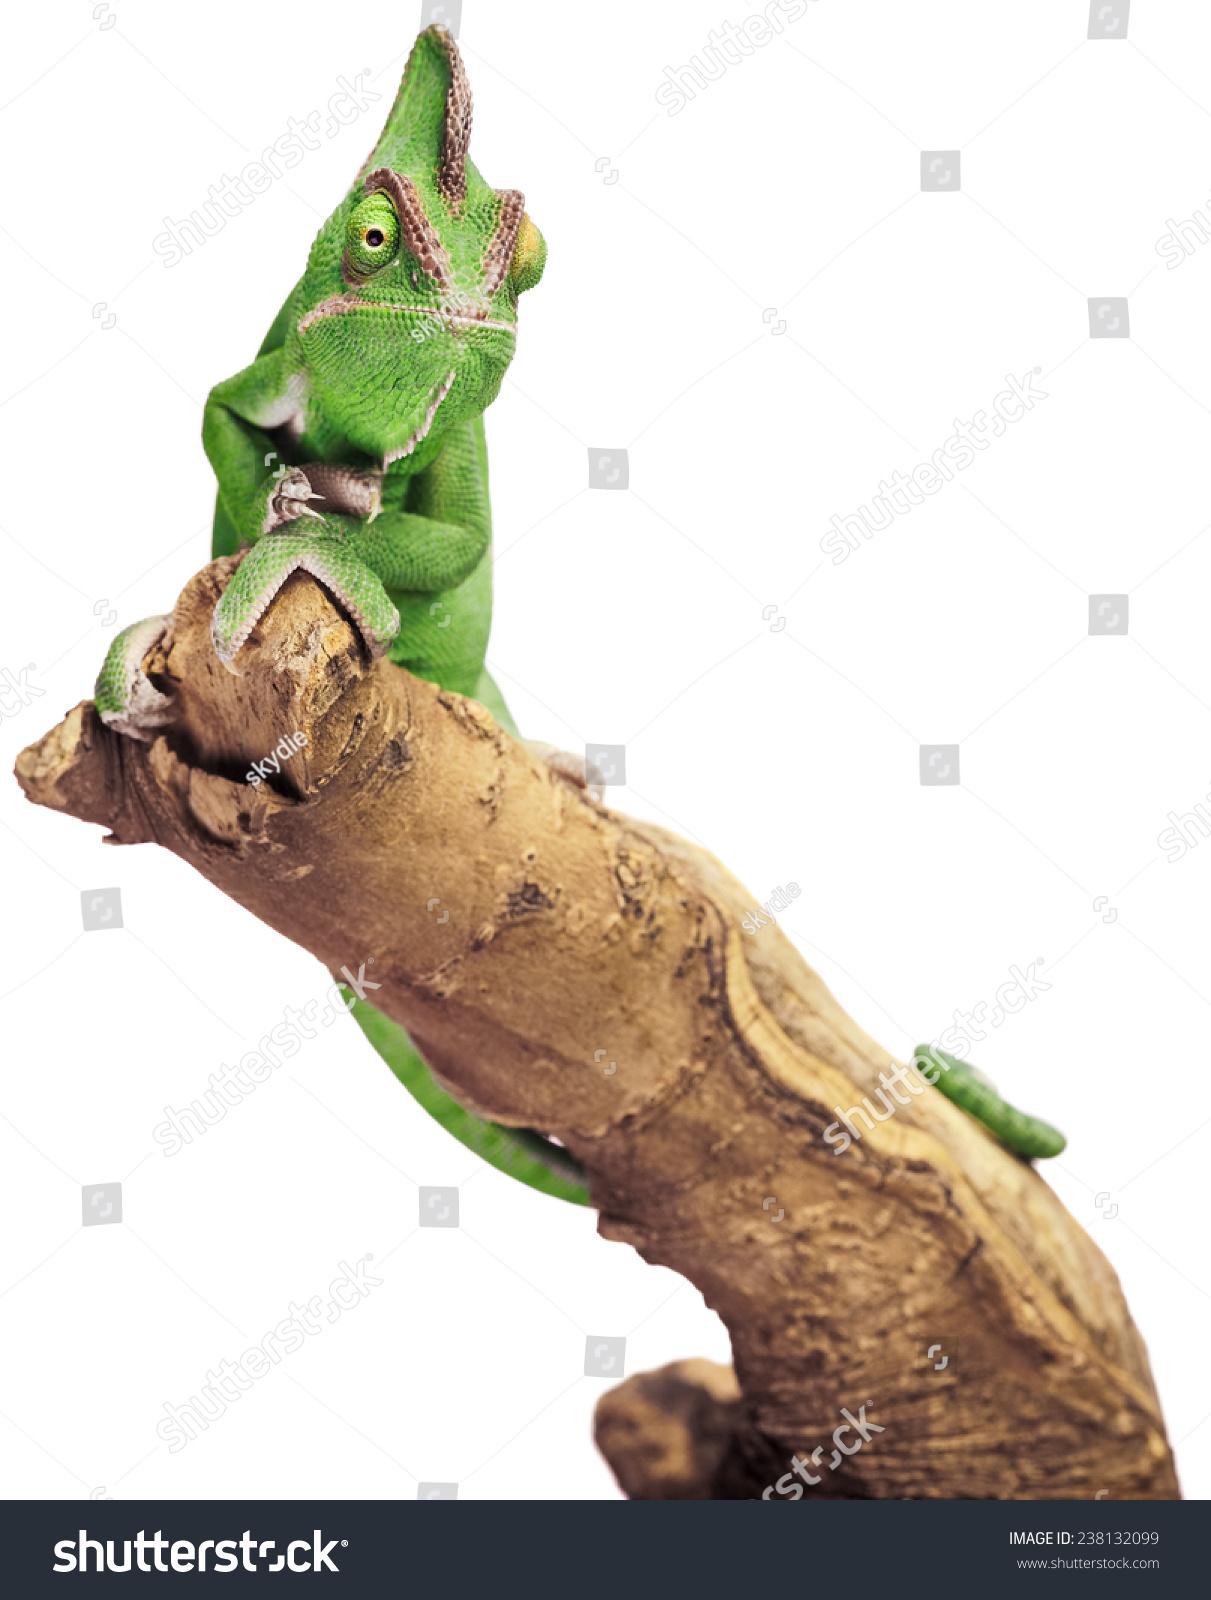 绿色的爬行动物在白色背景上